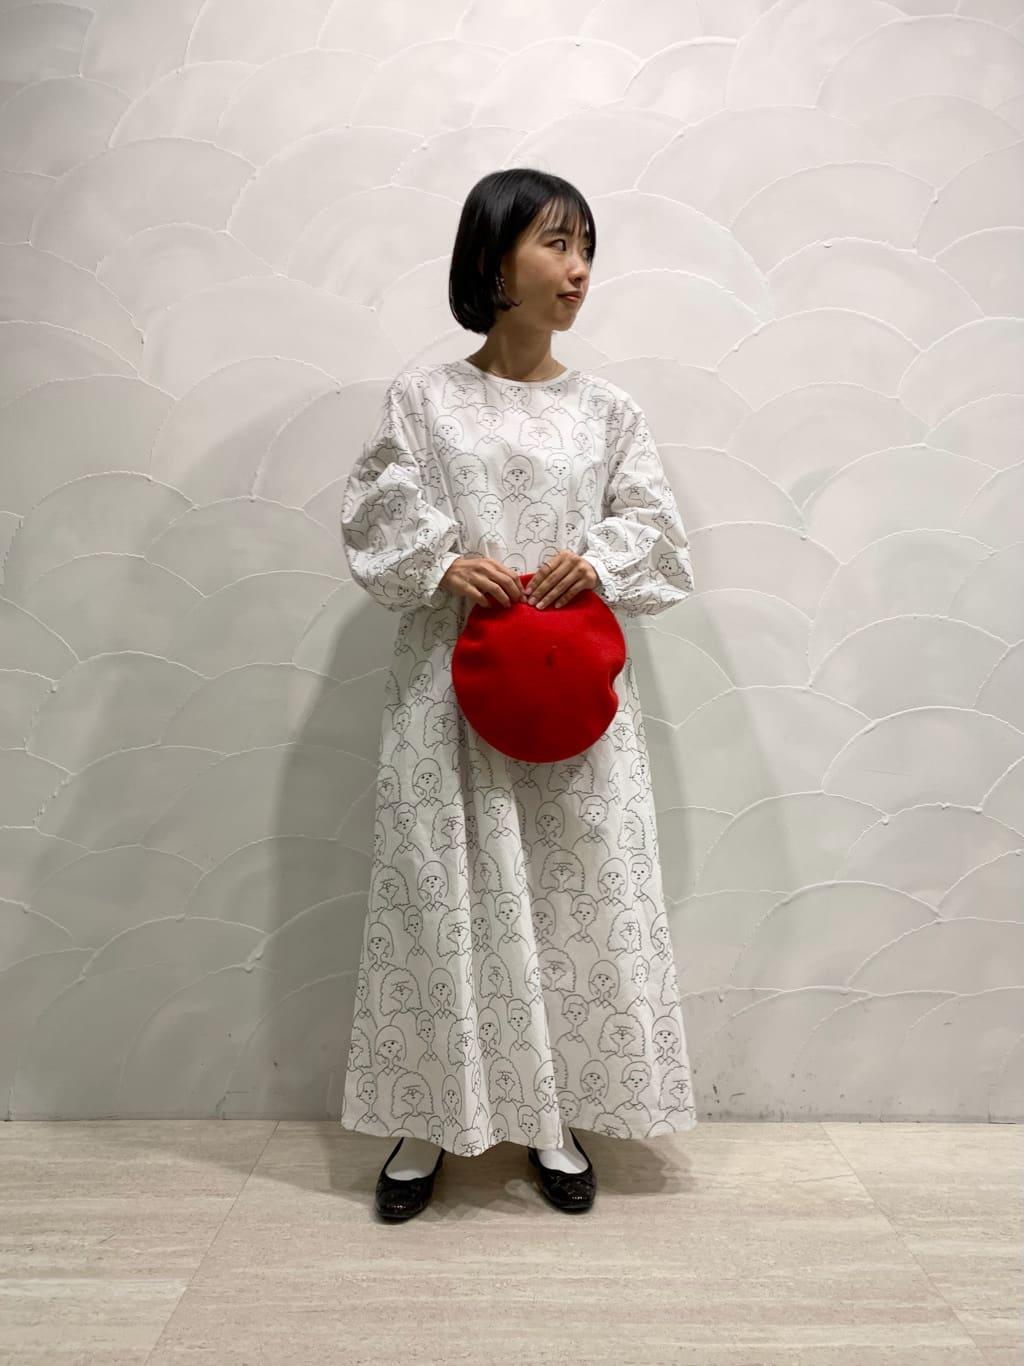 l'atelier du savon ルミネ横浜 身長:148cm 2021.09.09